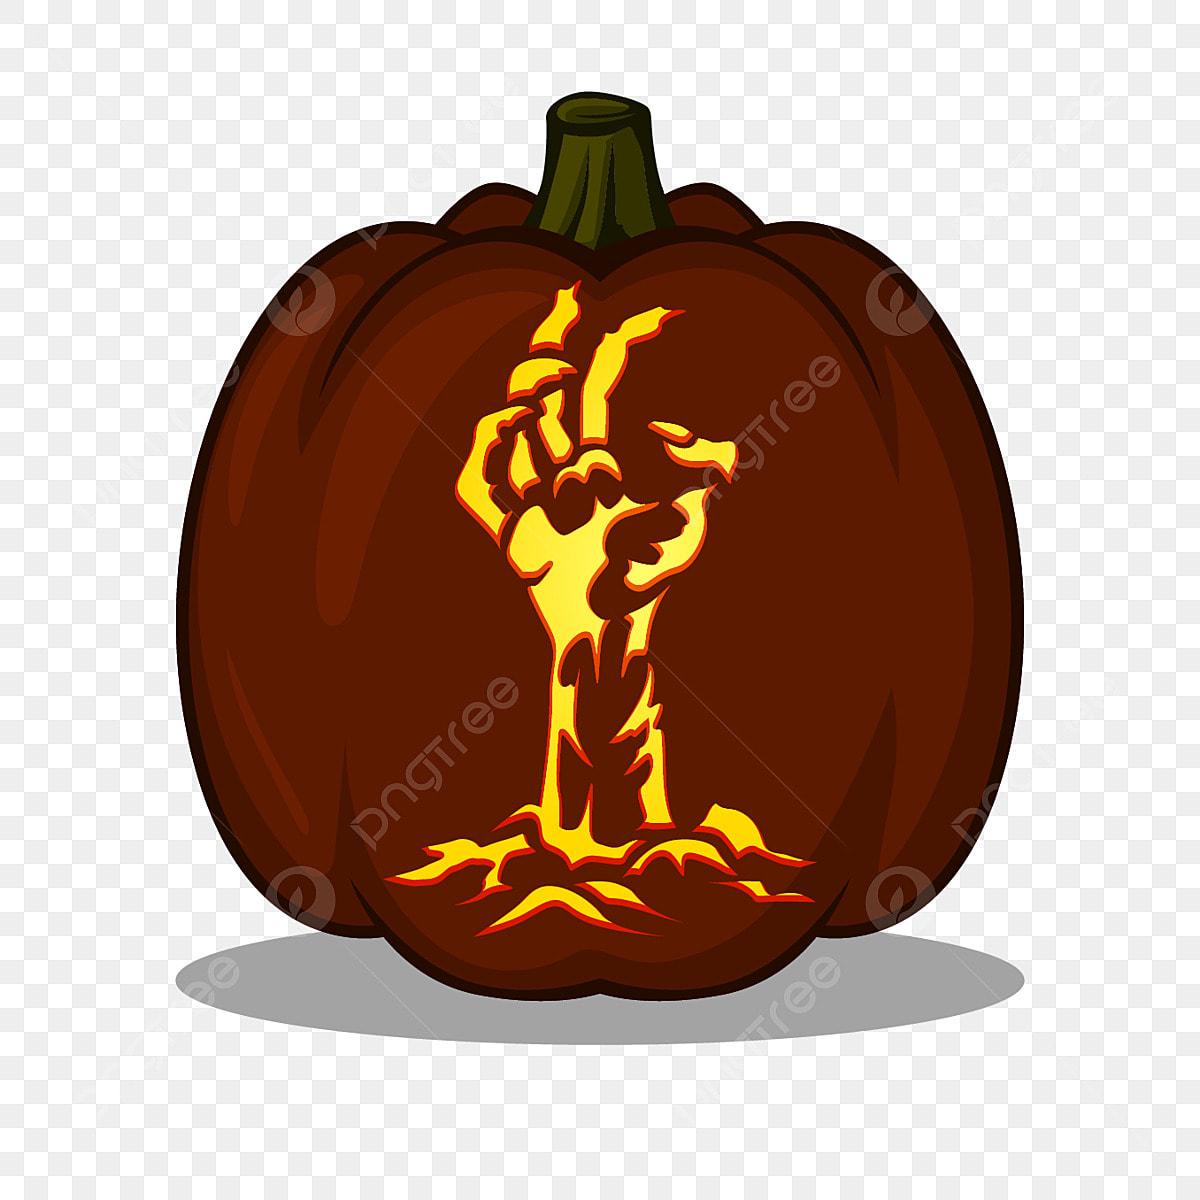 Intagliare Zucca Per Halloween Disegni disegno a mano zombie per idee intaglio di zucca include